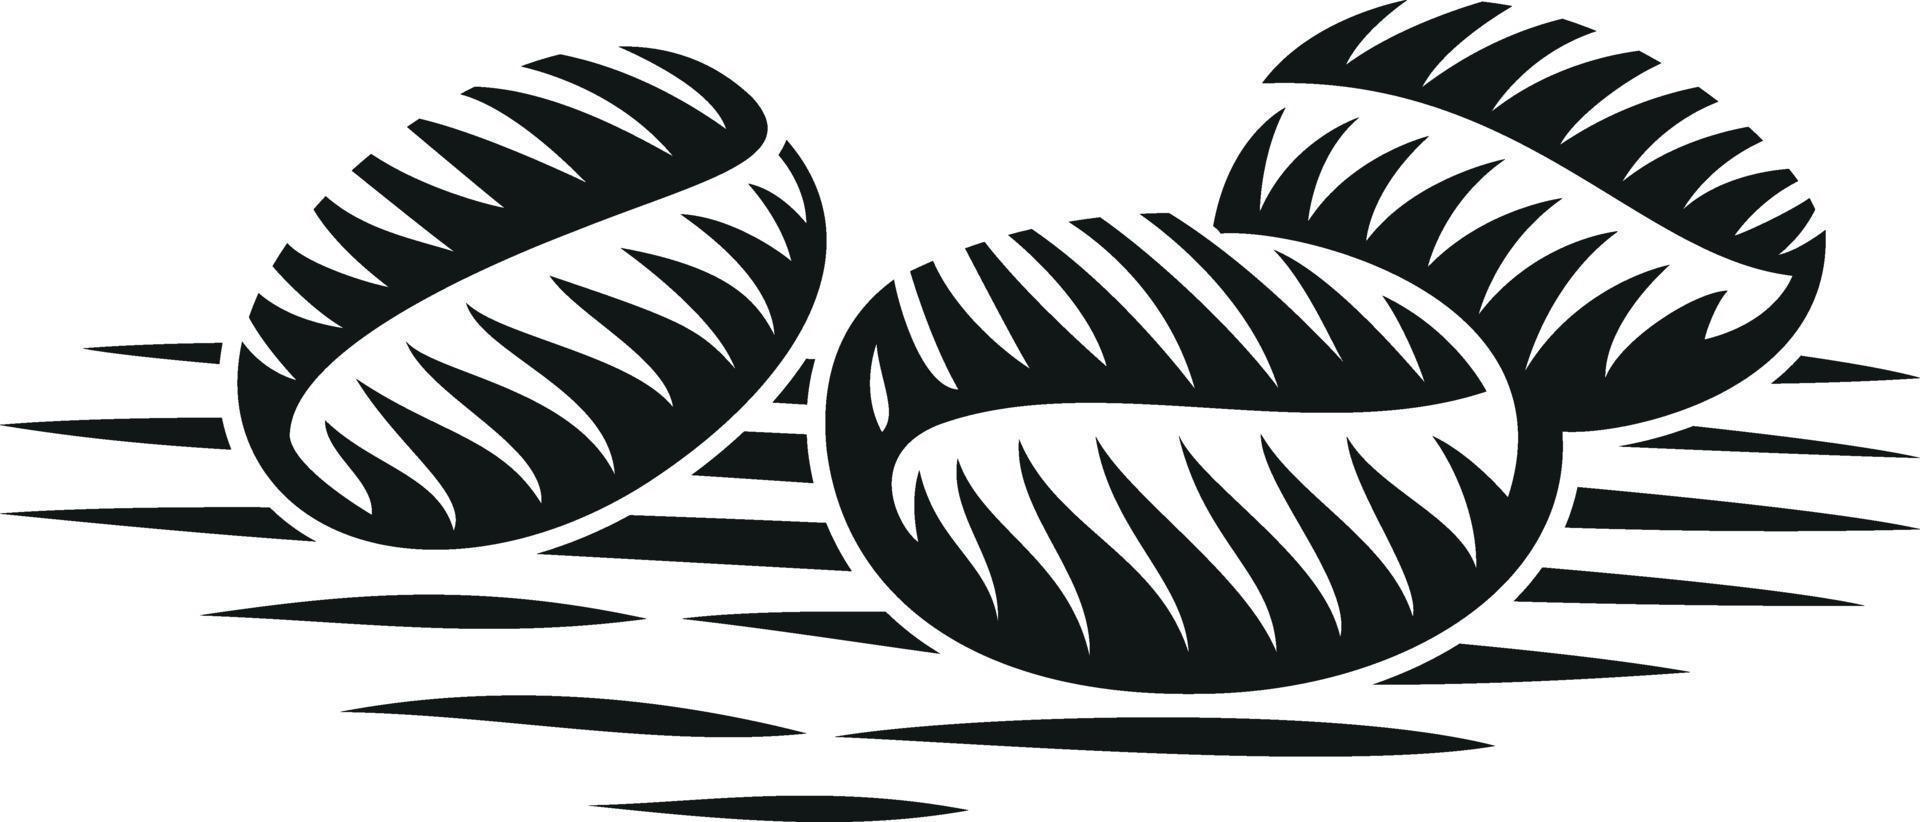 svartvit vektorillustration av kaffebönor i gravyrstil vektor